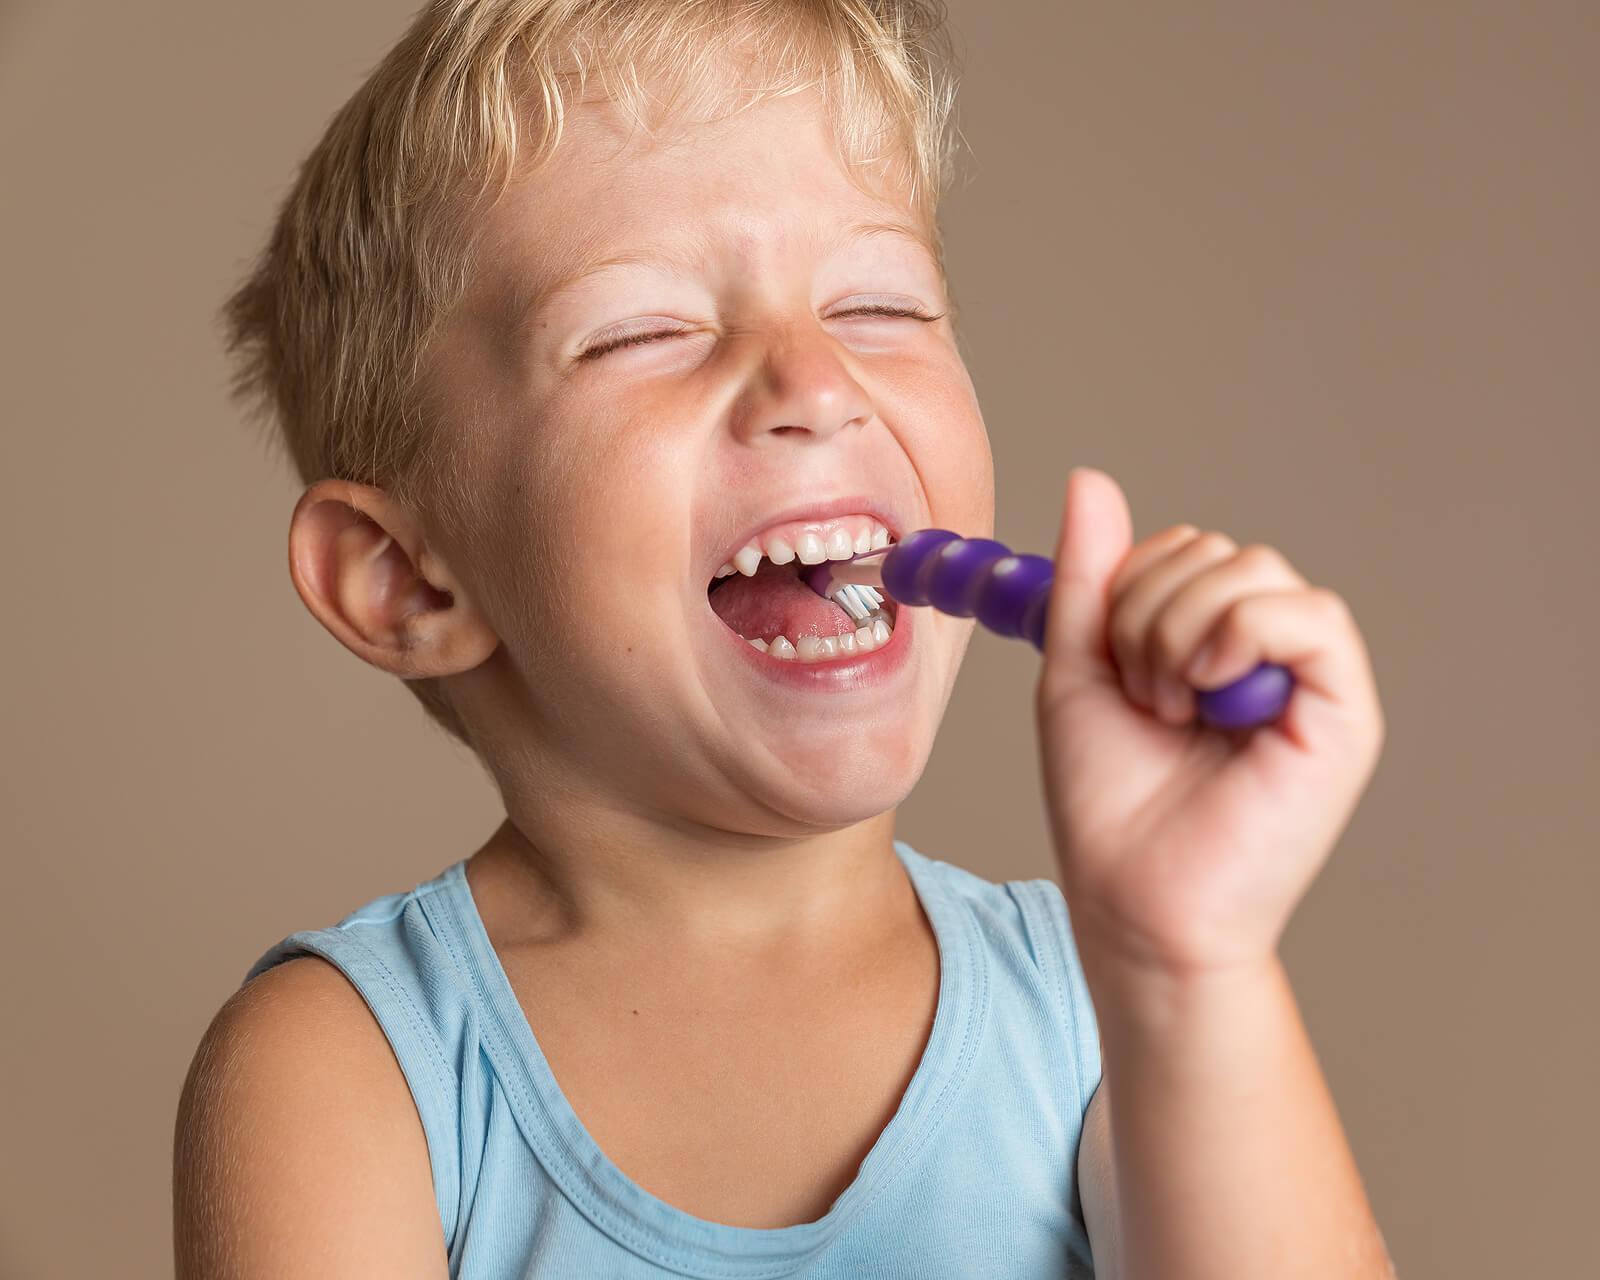 Niño cepillándose los dientes feliz con una pasta con flúor.